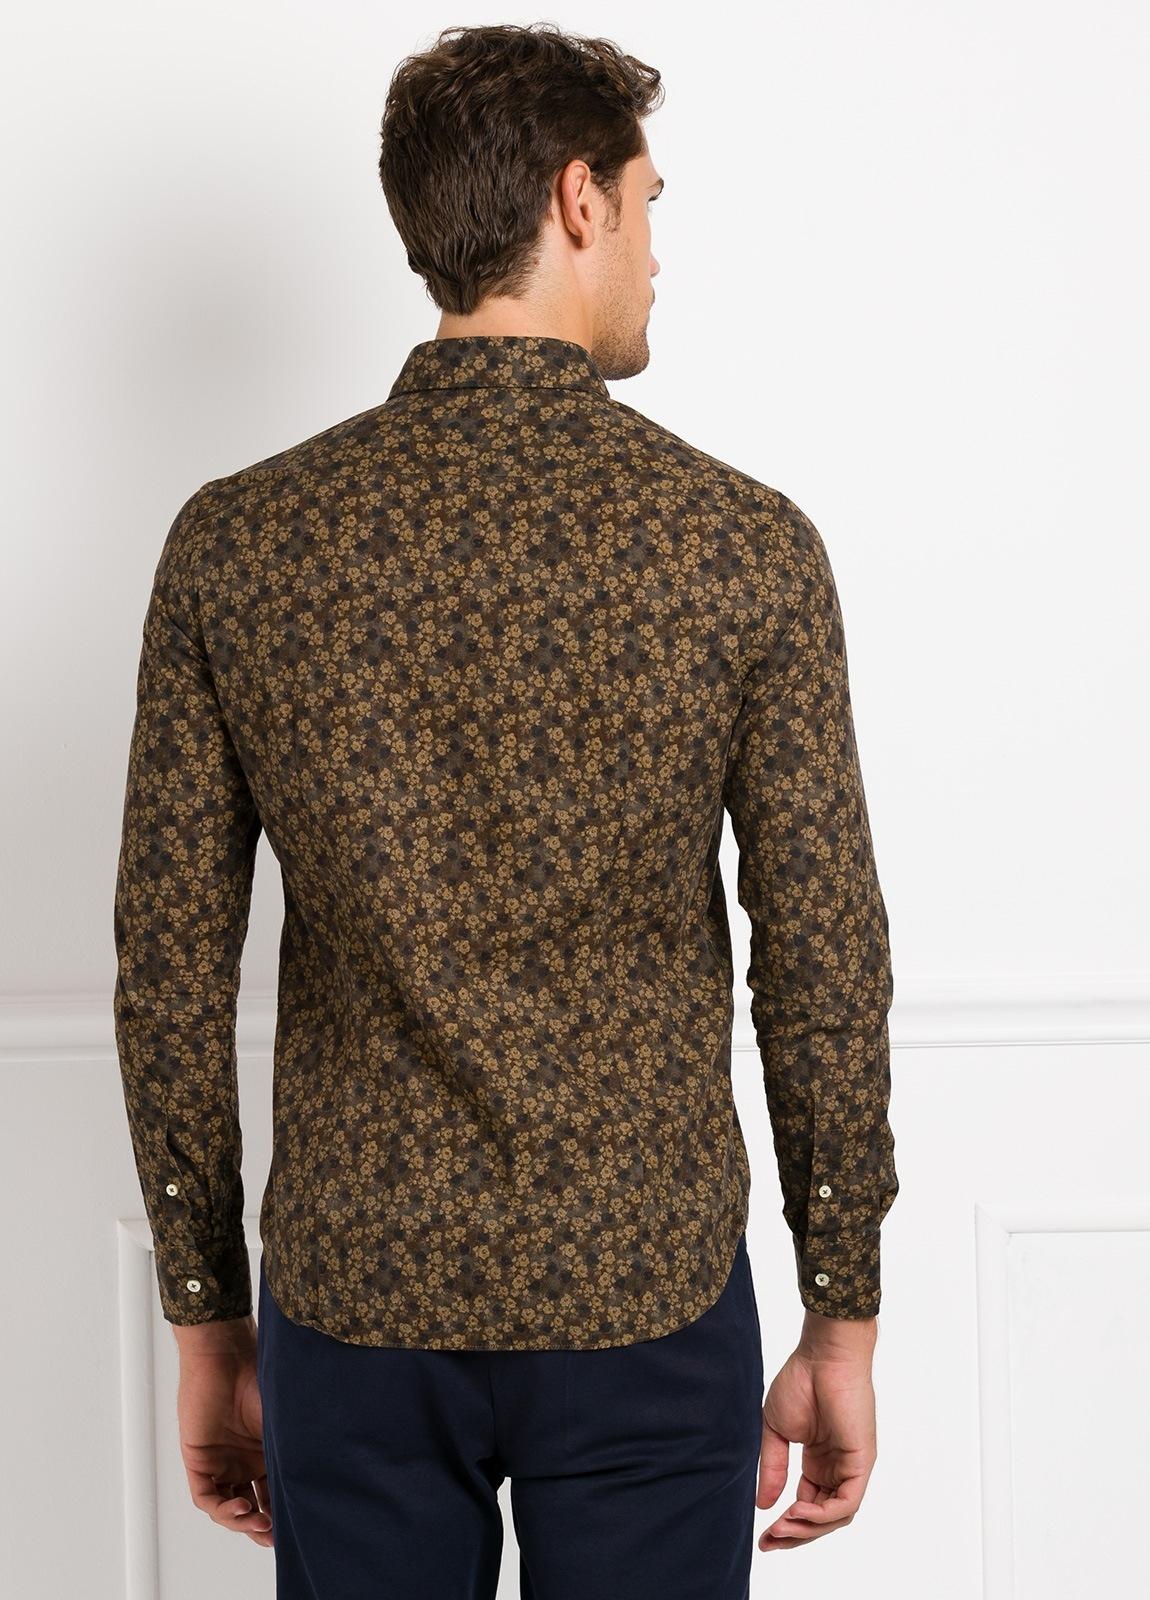 Camisa Leisure Wear SLIM FIT modelo PORTO estampado flores color marrón. 100% Algodón. - Ítem2